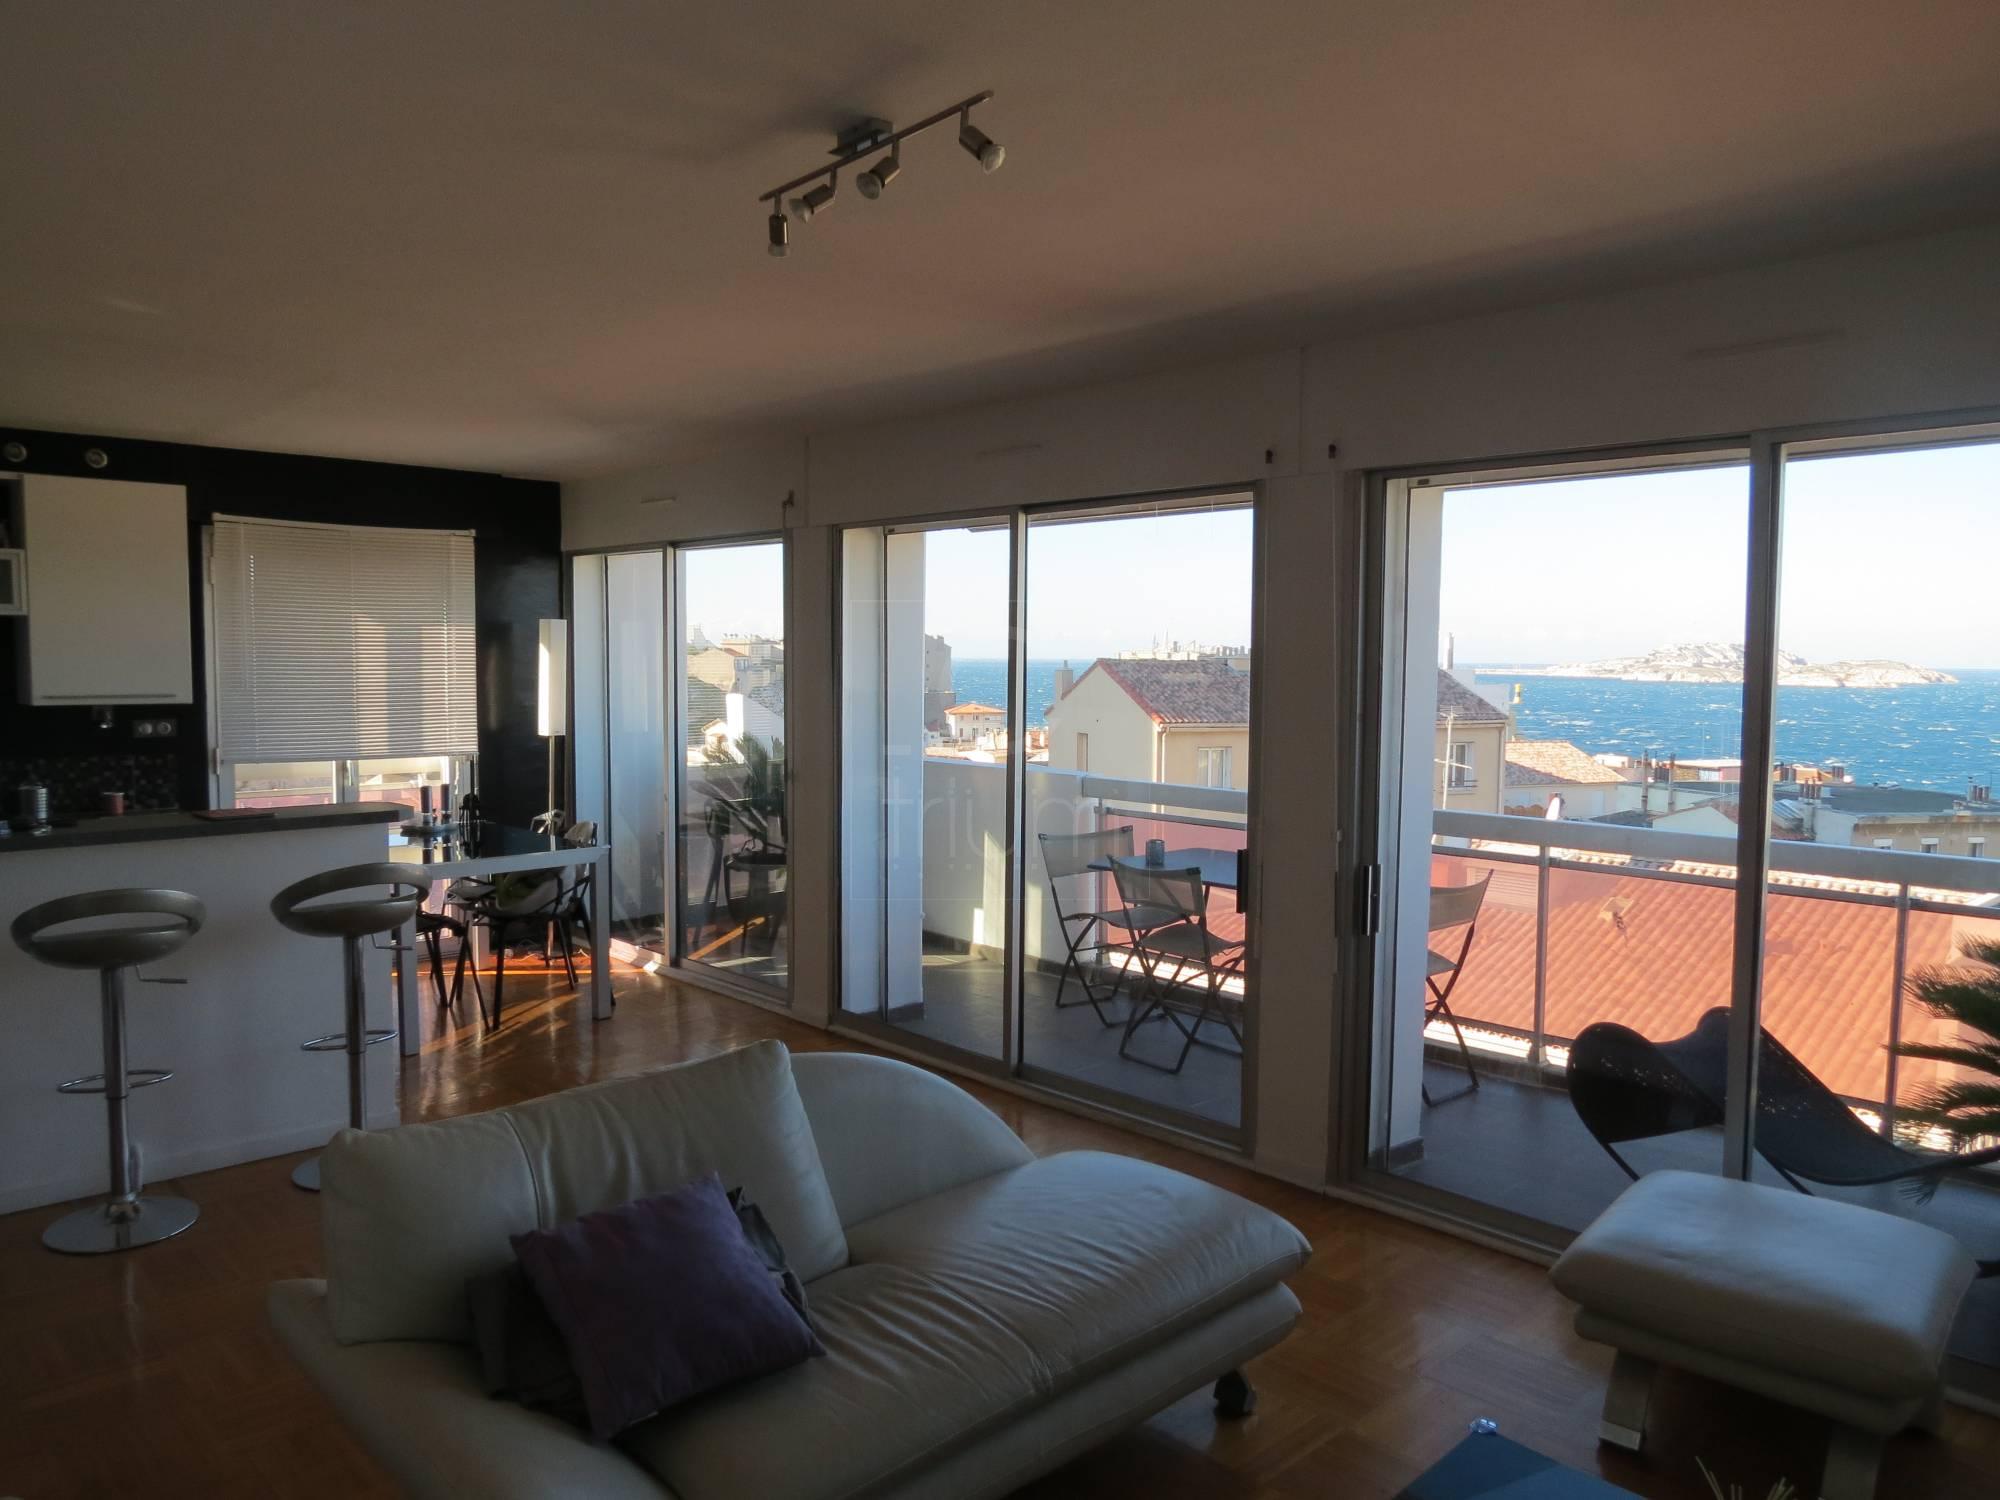 Location appartement La Rochelle : être en famille